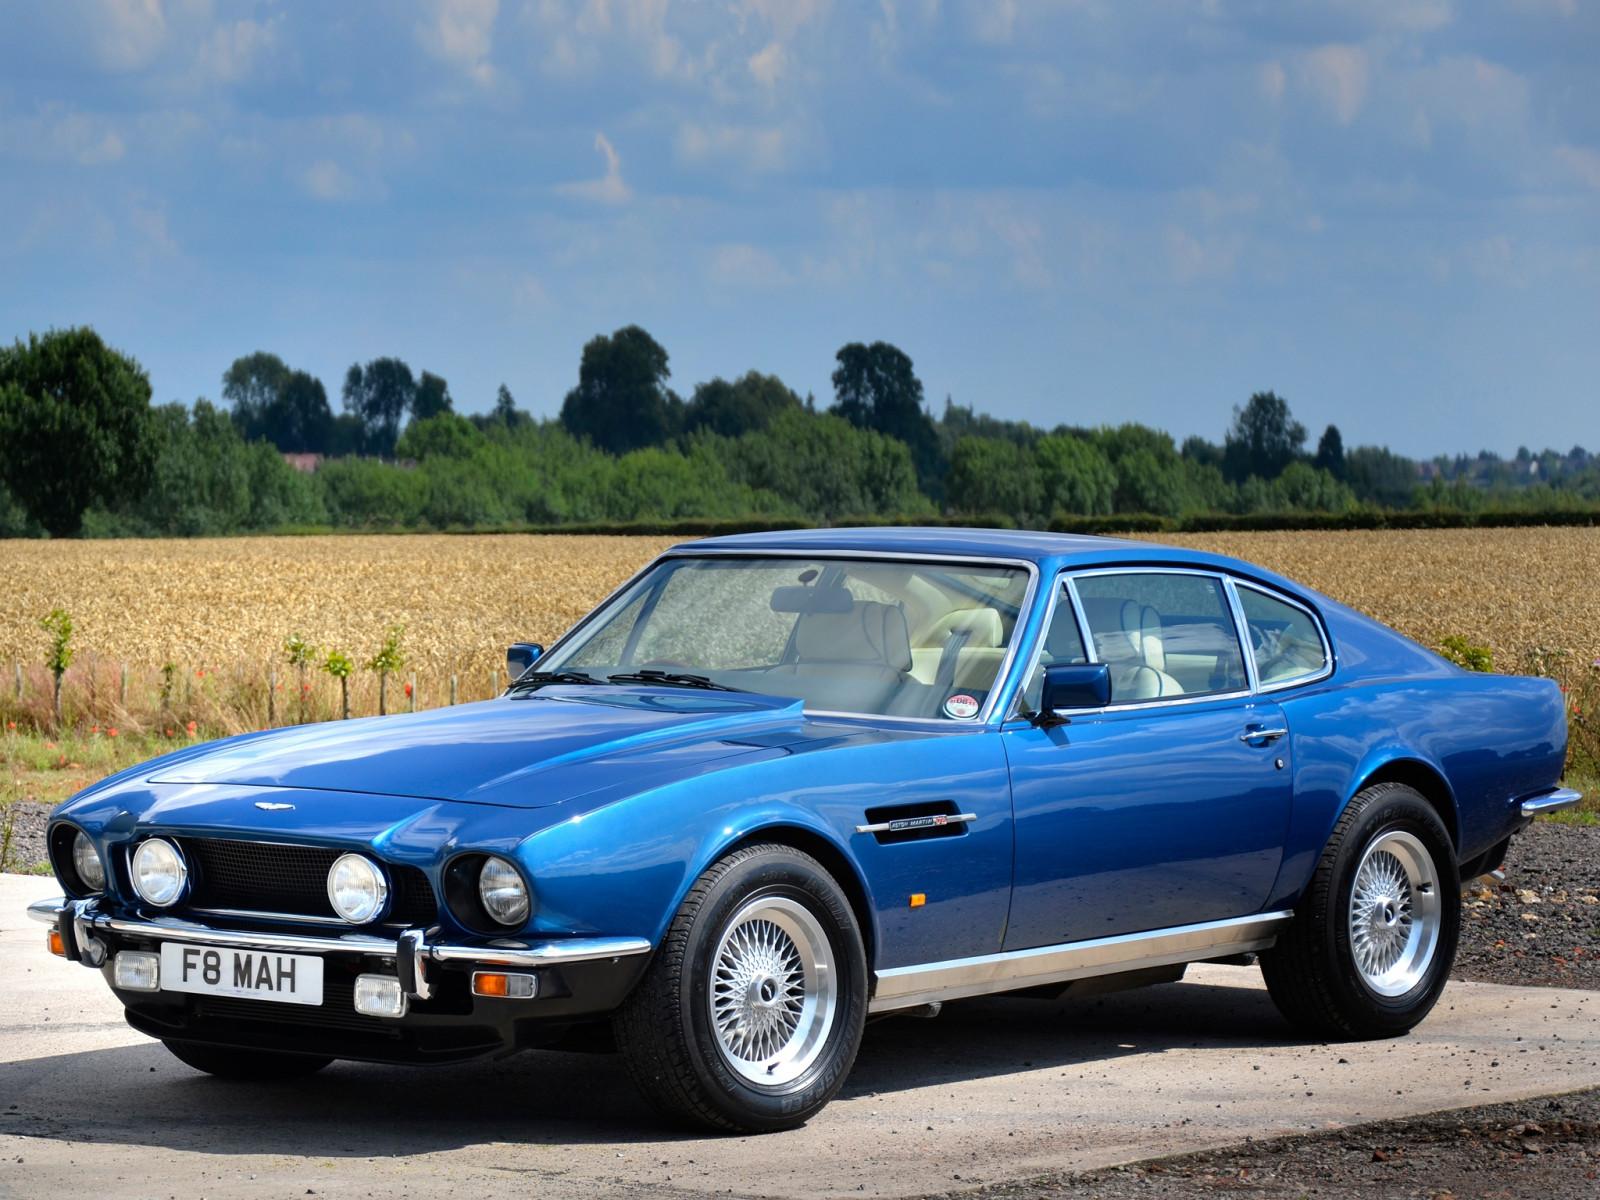 Papel De Parede Aston Martin V8 Saloon 1972 Azul Vista Lateral Carros Natureza 2048x1536 1083367 Papel De Parede Para Pc Wallhere